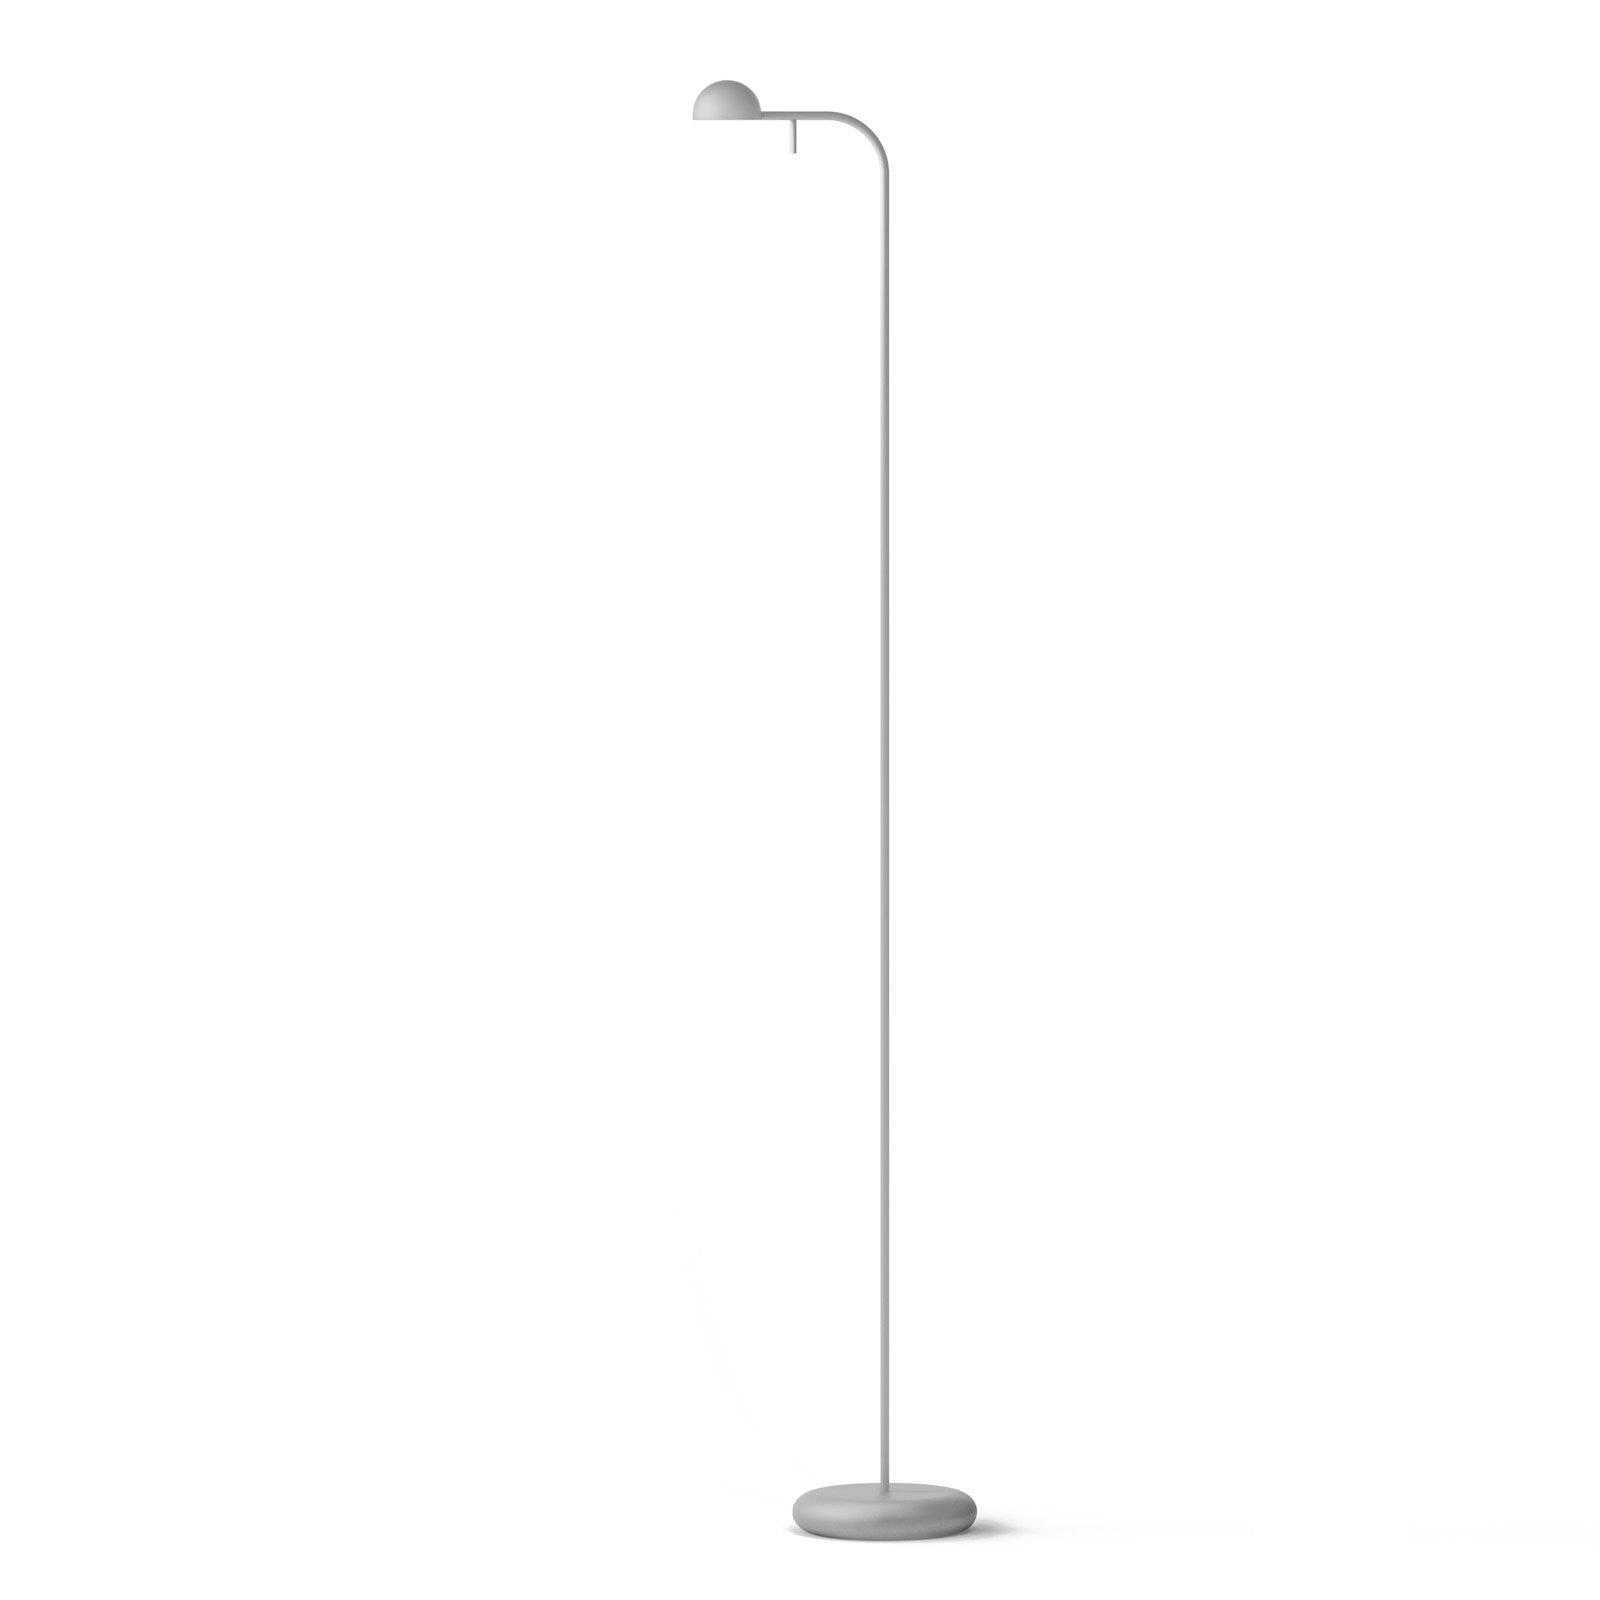 Vibia Pin, 1660 LED-gulvlampe, 125 cm, hvit